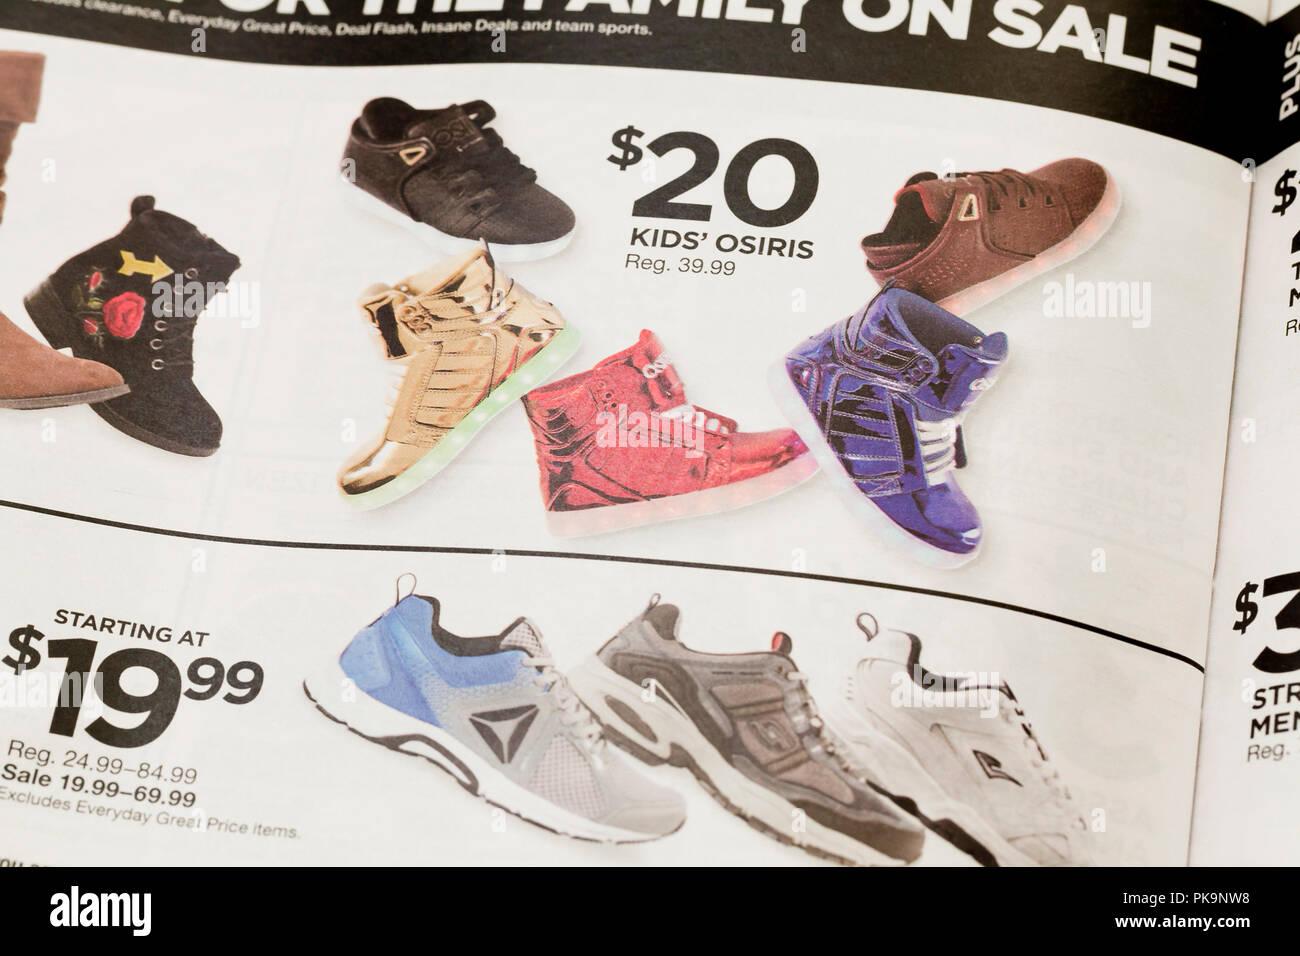 best sneakers 4c6ef 574a2 Chaussures en vente annonce dans le Programme courrier hebdomadaire  publicité - USA Photo Stock